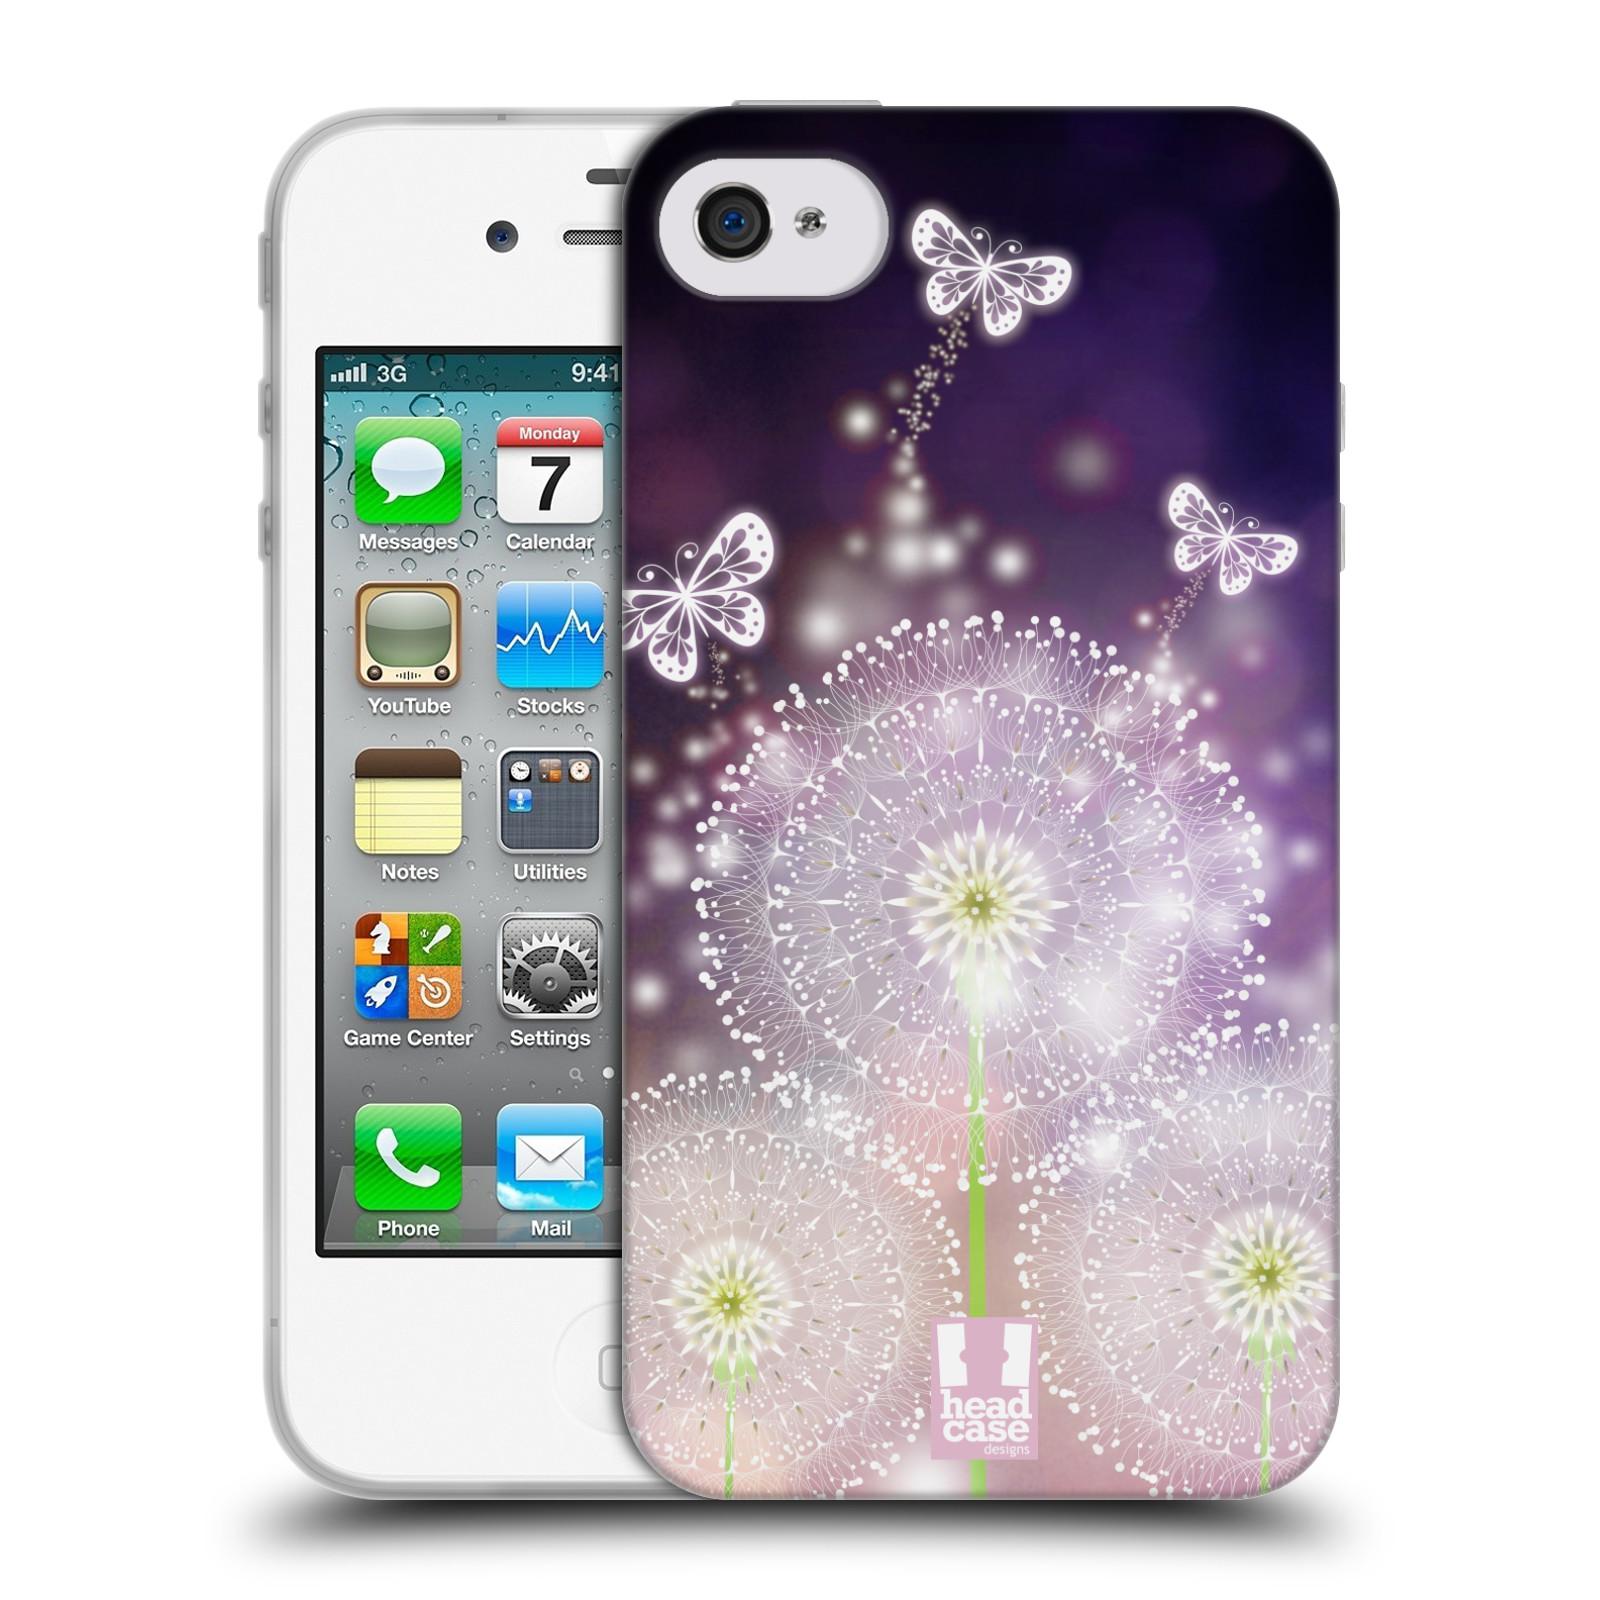 Silikonové pouzdro na mobil Apple iPhone 4 a 4S HEAD CASE Pampelišky a Motýlci (Silikonový kryt či obal na mobilní telefon Apple iPhone 4 a 4S)